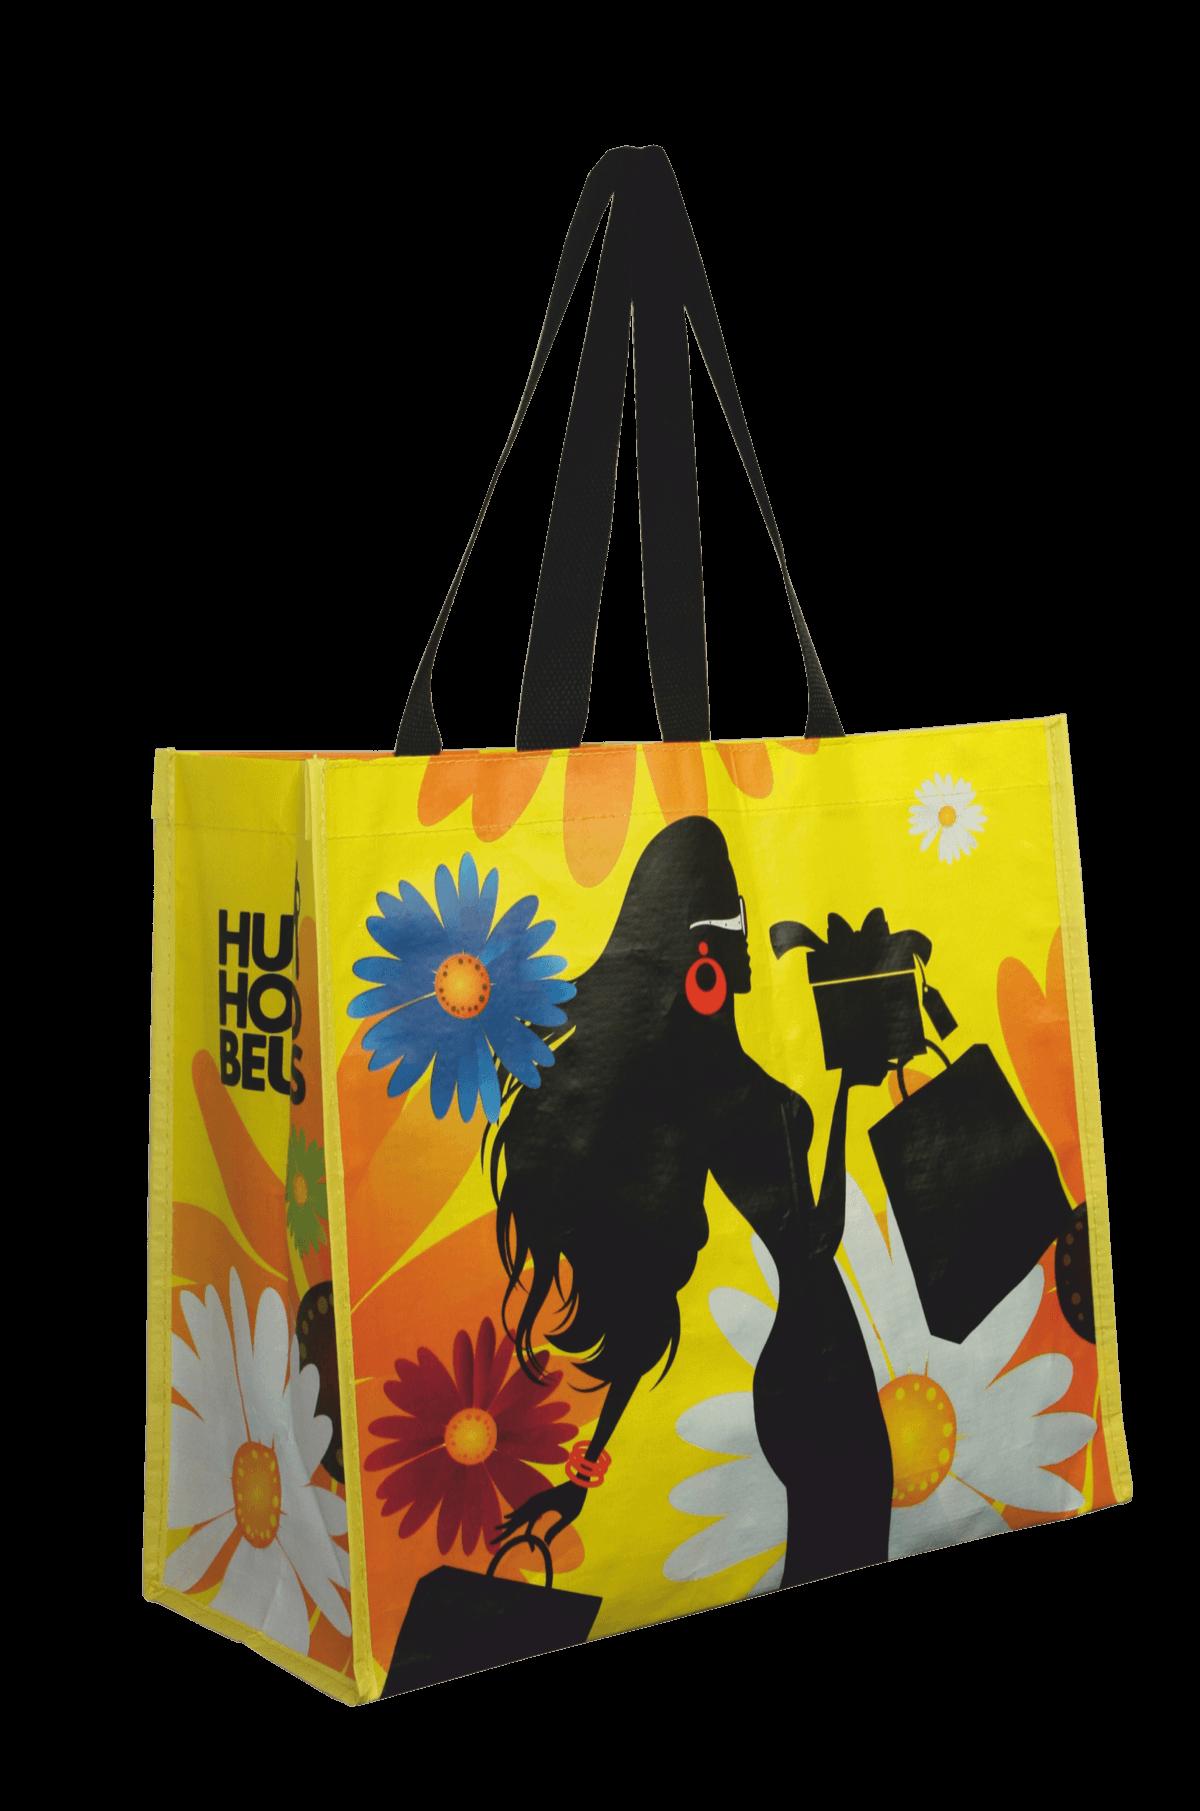 ea0e9a59faa Shopper Huishoudbeurs Geel | UTS Bags - Beurstas met Logo